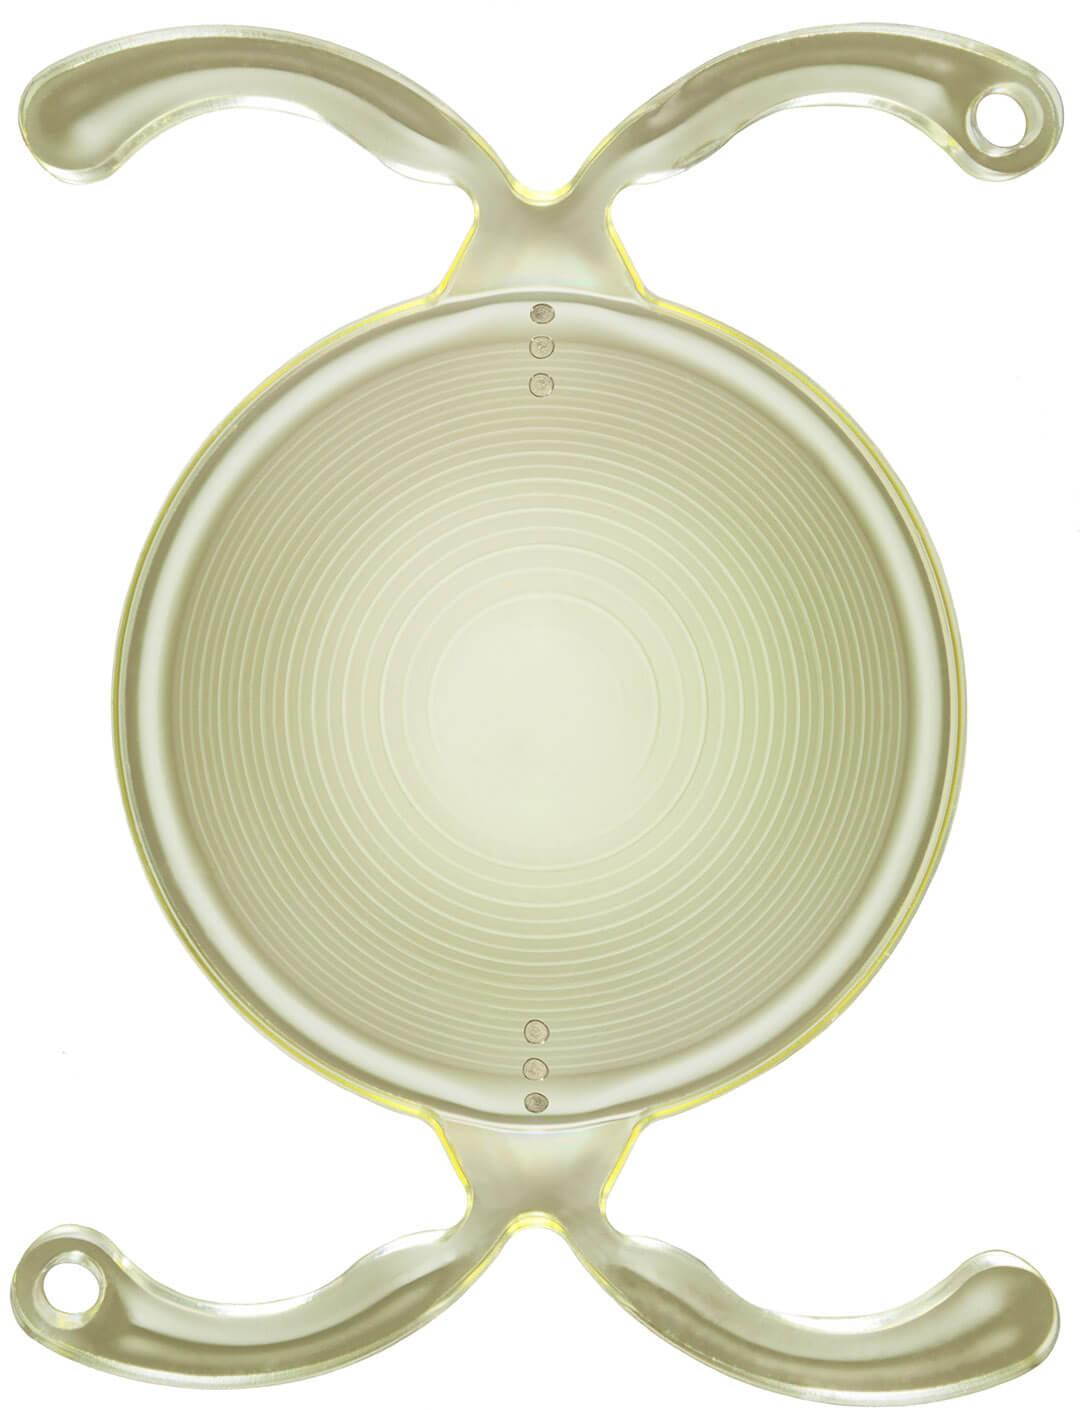 Trifokaali tekomykiö - PhysIOL FineVision